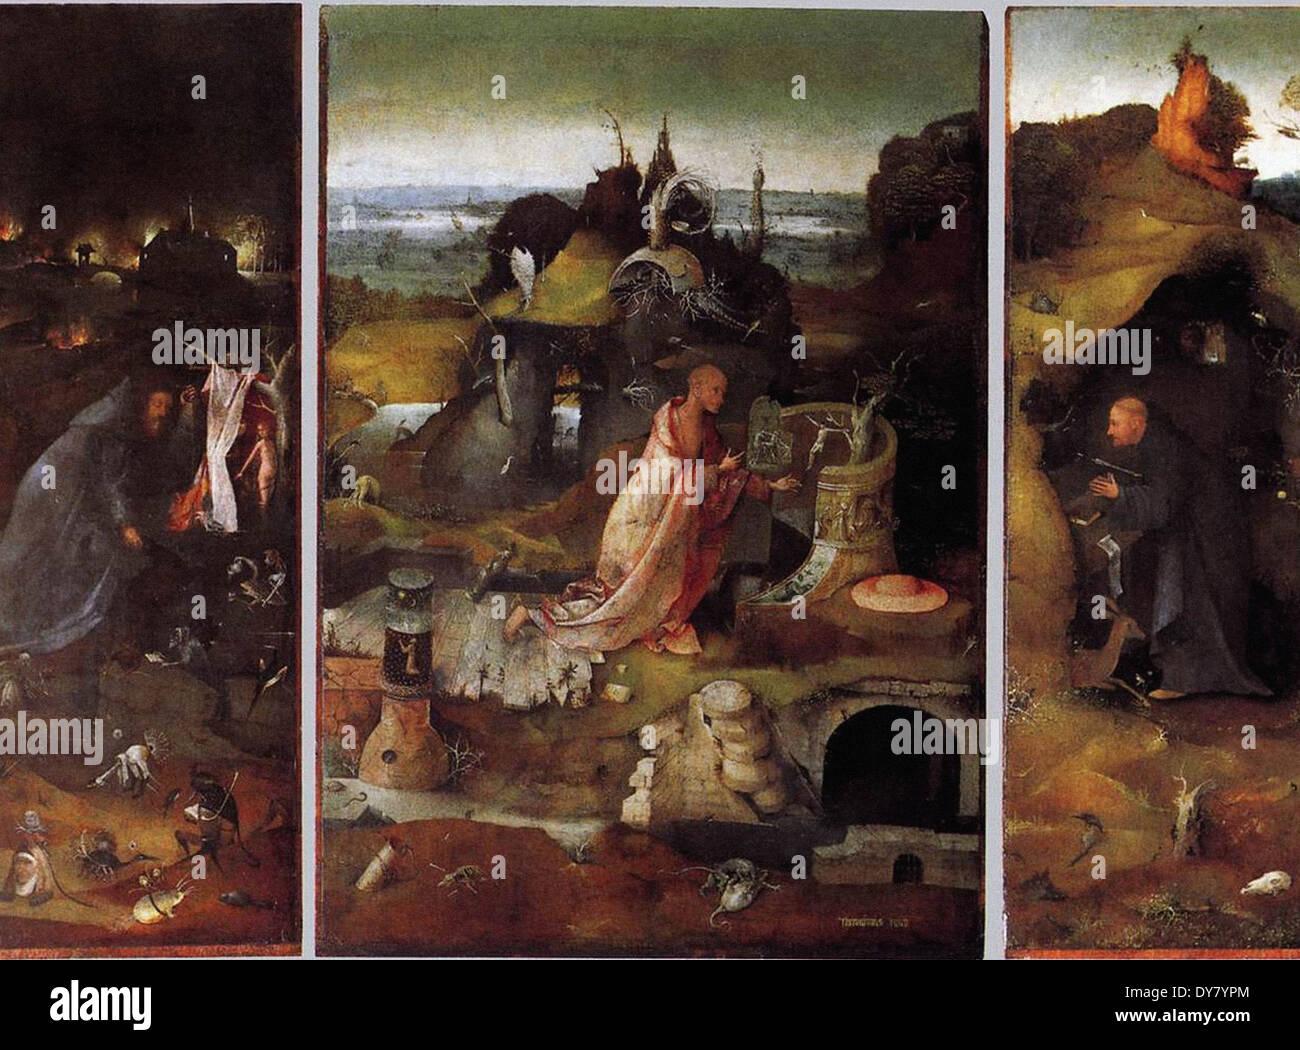 Hieronymus Bosch Hermit Saints Triptych - Stock Image